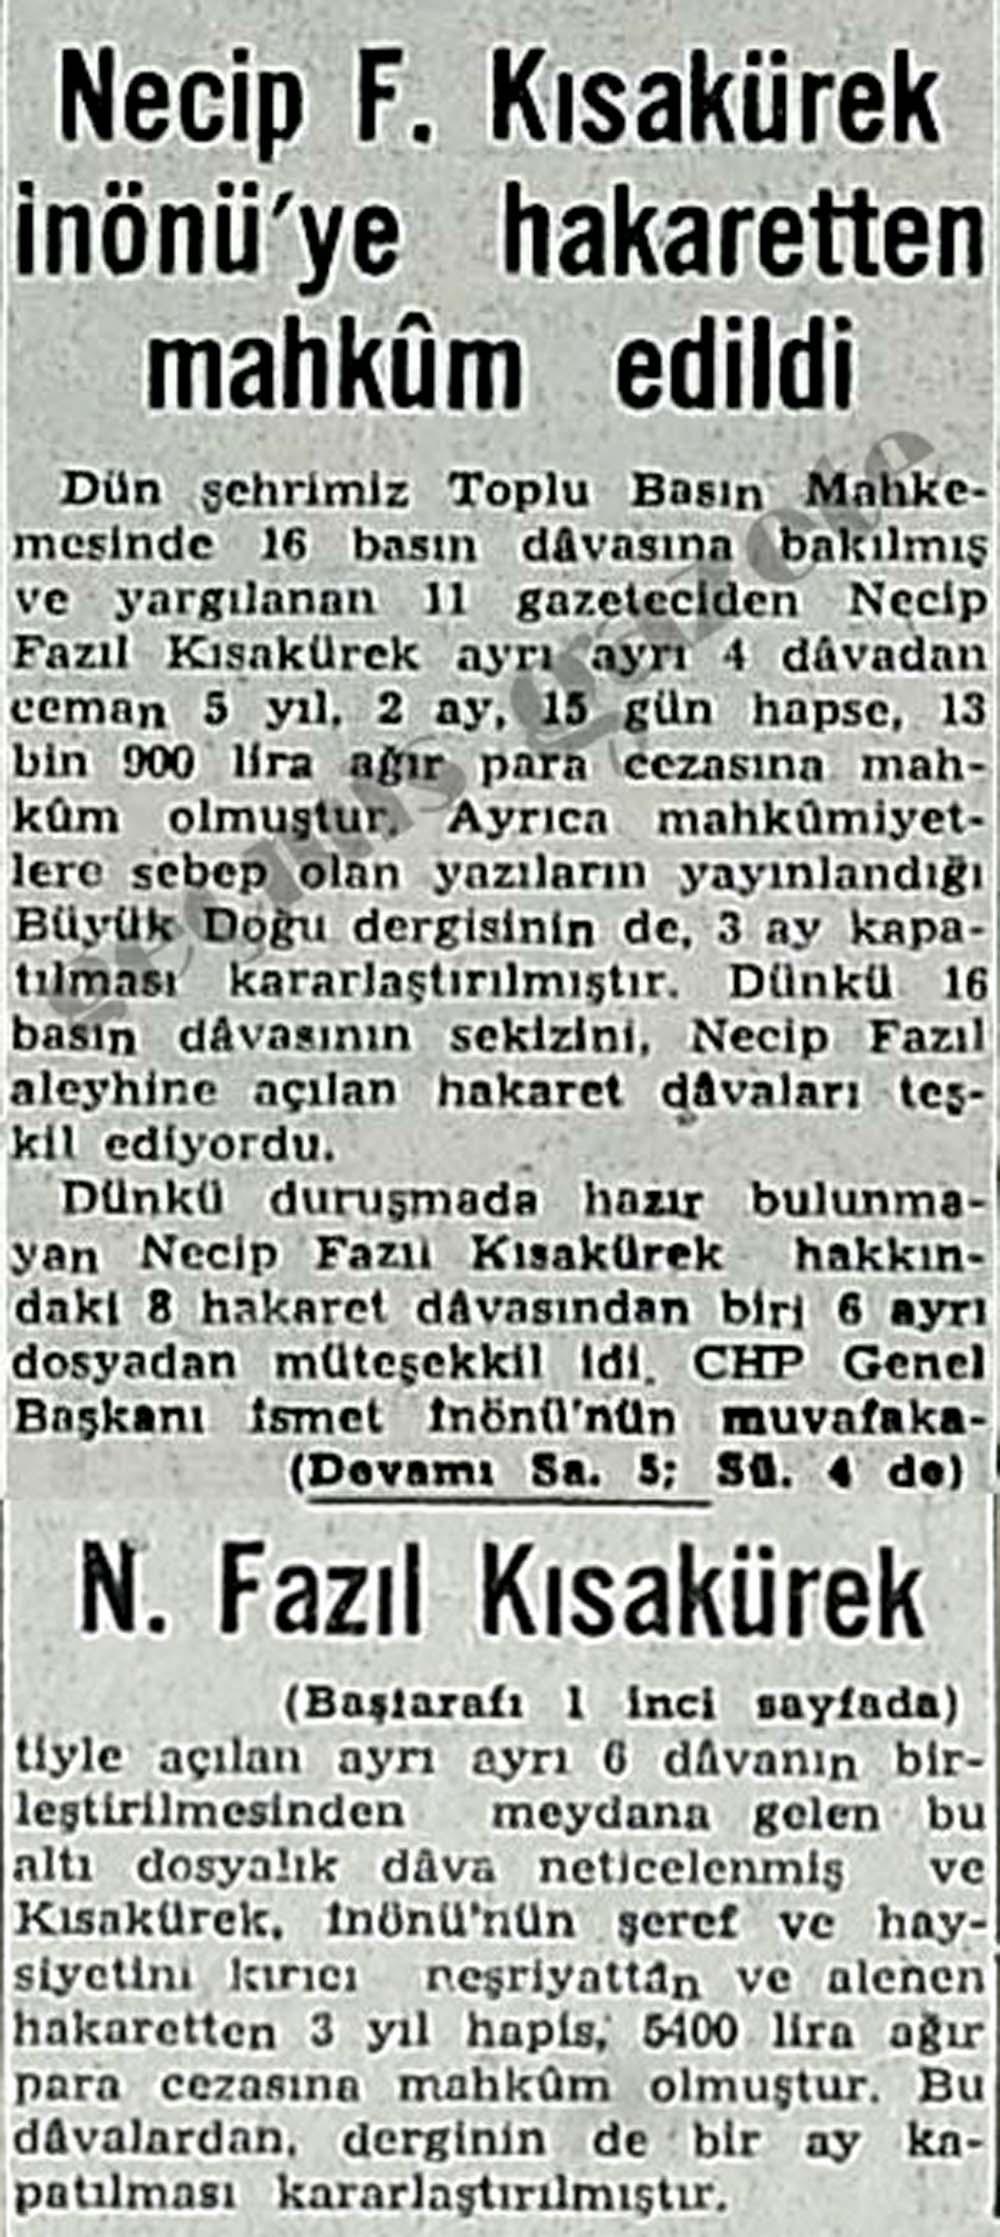 Necip F. Kısakürek İnönü'ye hakaretten mahkum edildi